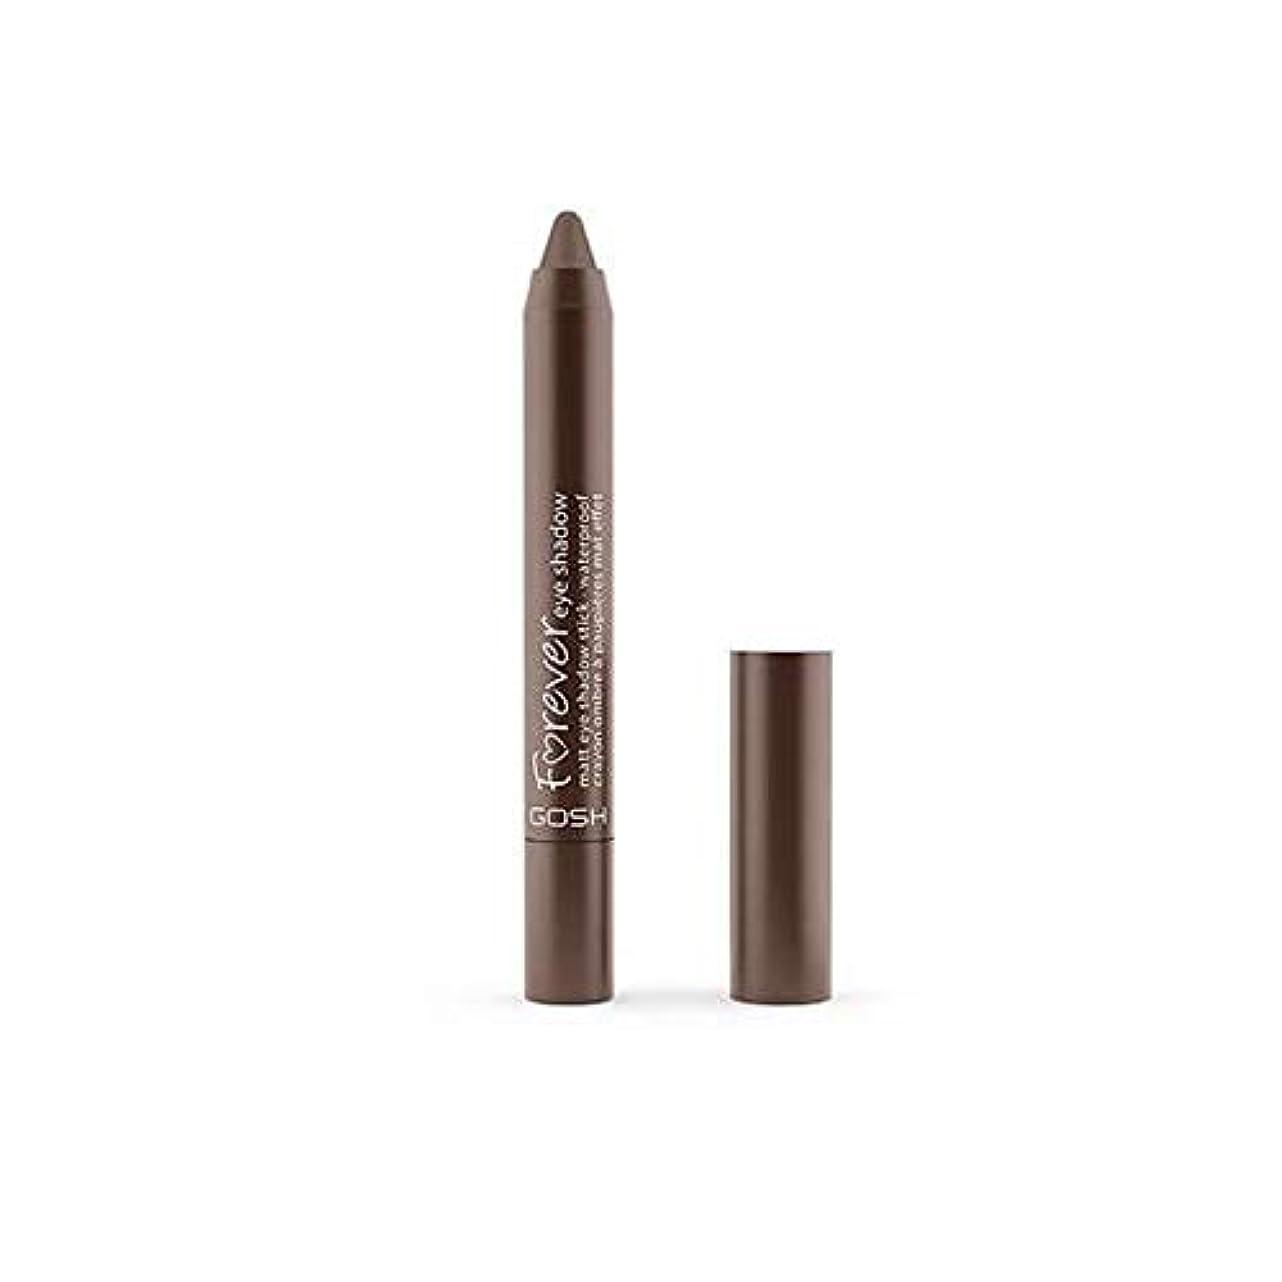 添加希望に満ちた一杯[GOSH ] おやっ永遠にシングルアイシャドウクレヨン11のD /ブラウン1.5グラムをマット - Gosh Forever Matte Single Eyeshadow Crayon 11 D/Brown 1.5G...